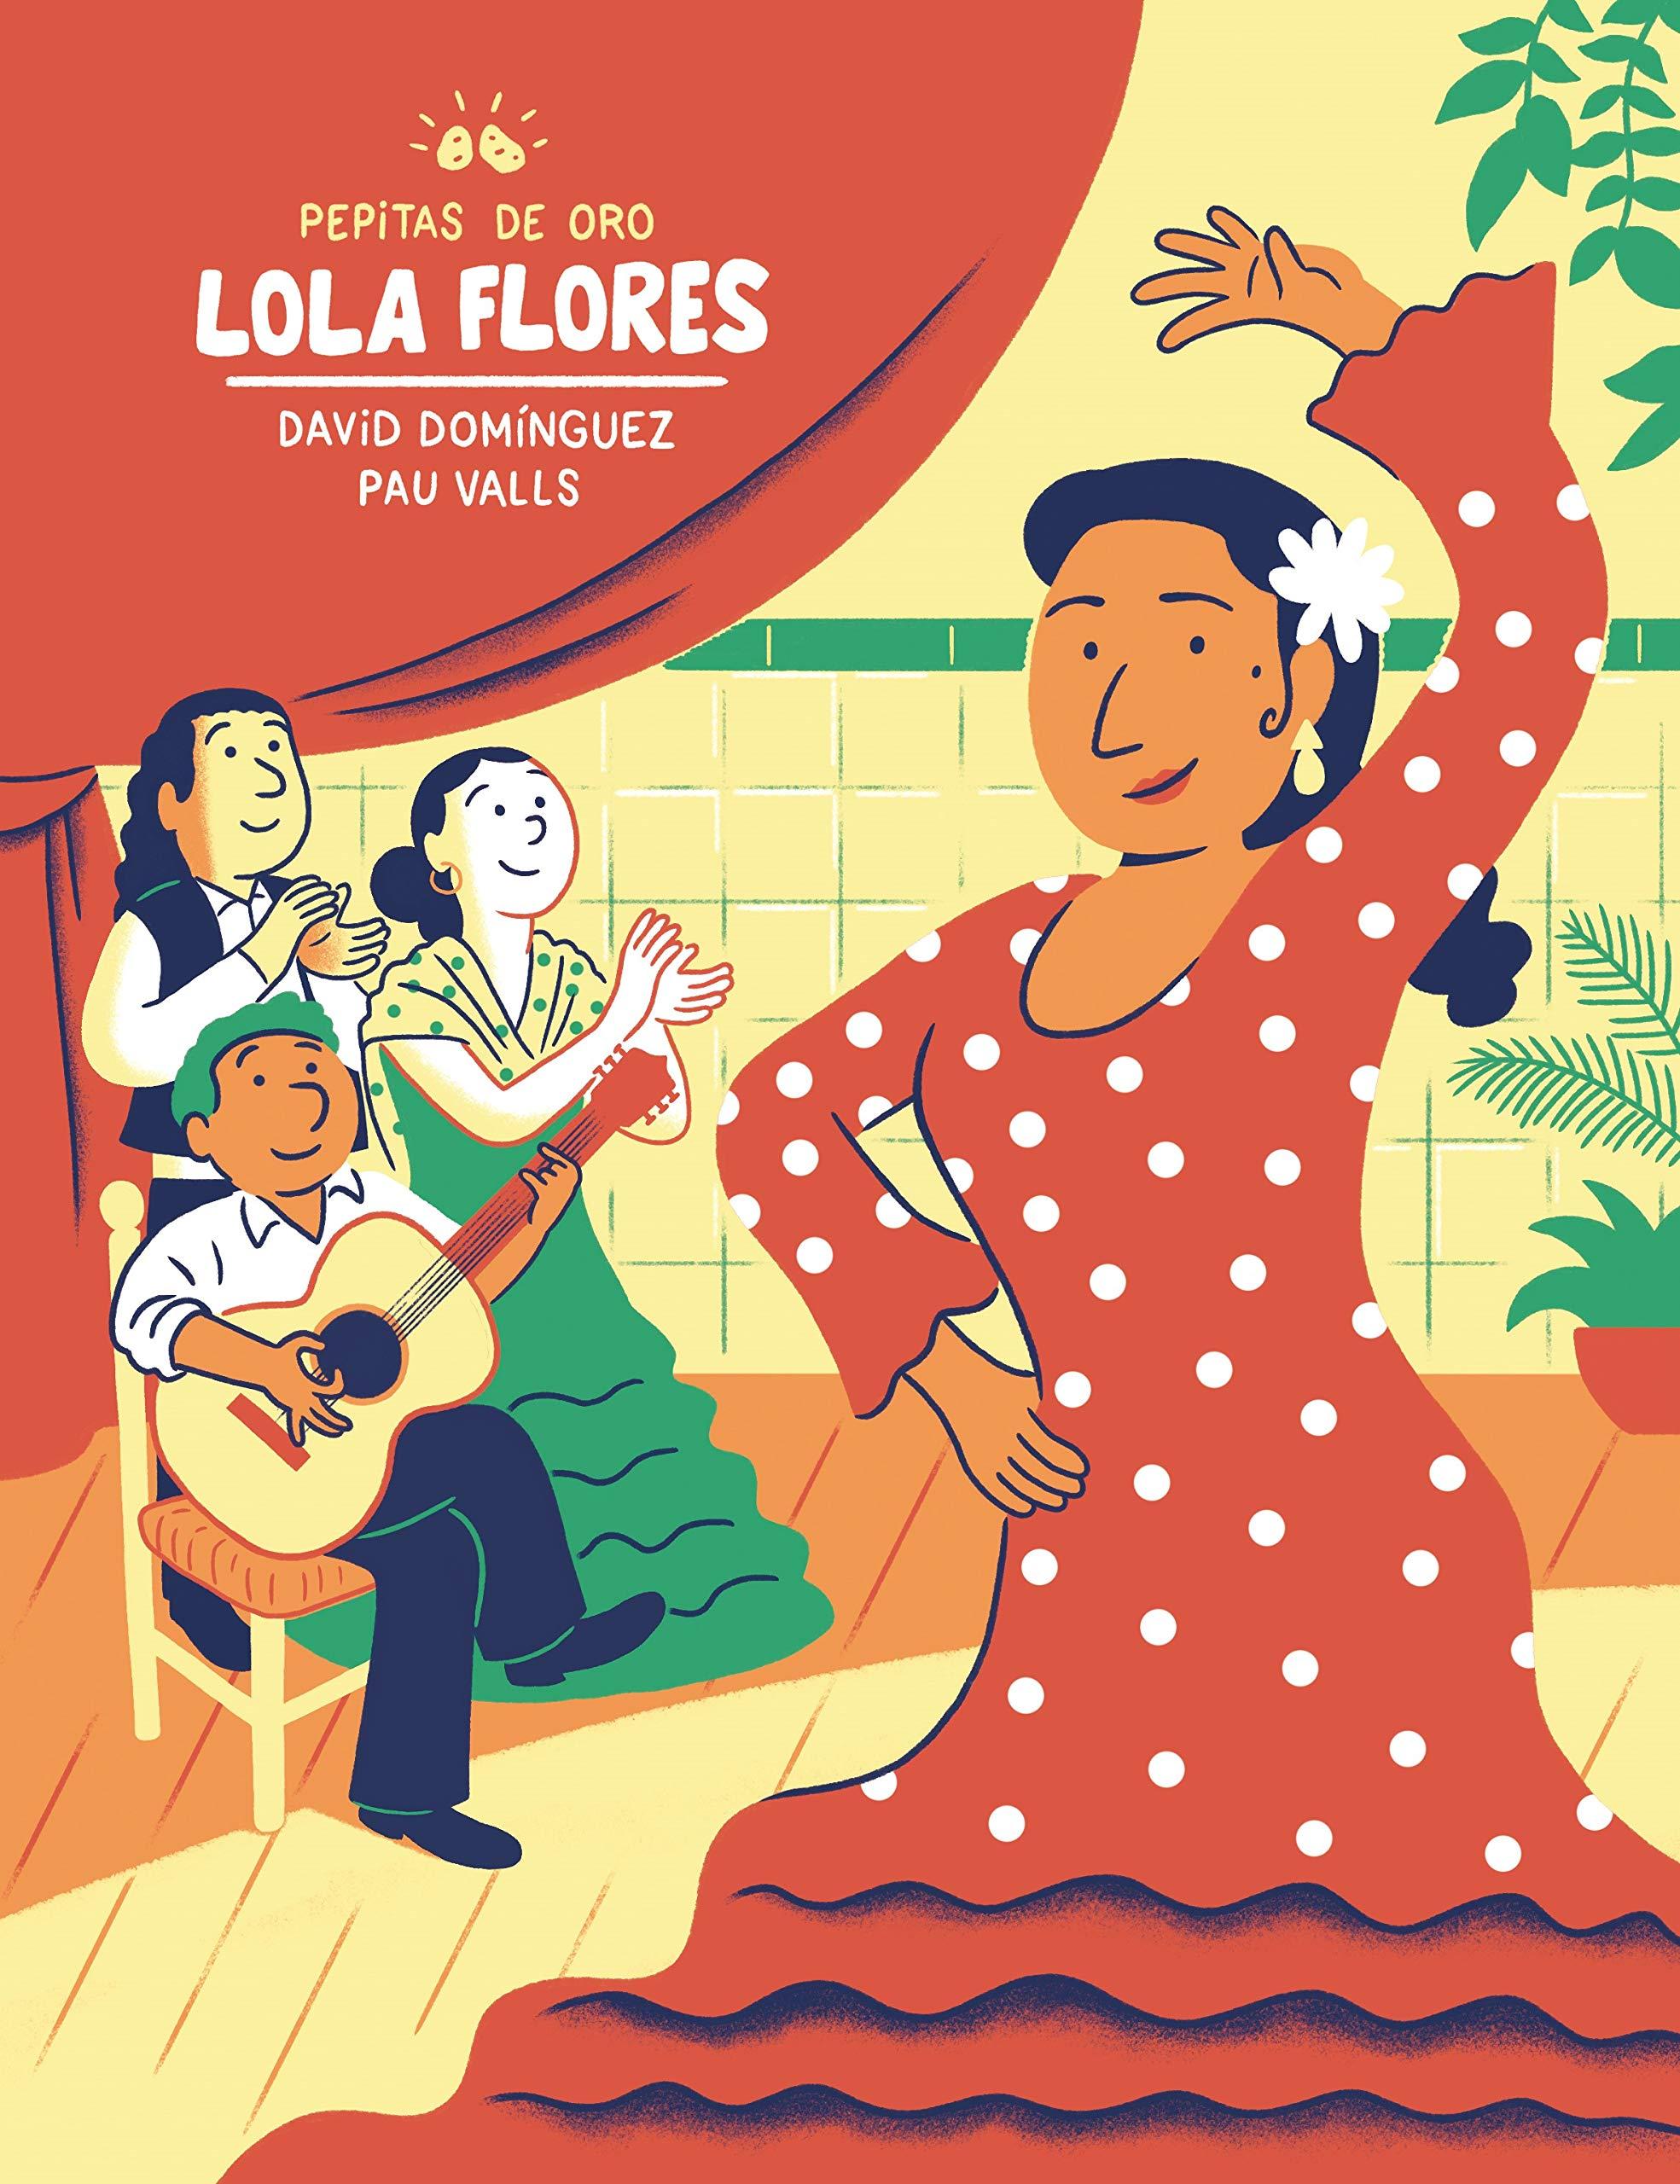 Pepitas de oro. Lola Flores Descubre el mundo y la Historia: Amazon.es: Domínguez Domínguez, David, Valls Pérez, Pau: Libros